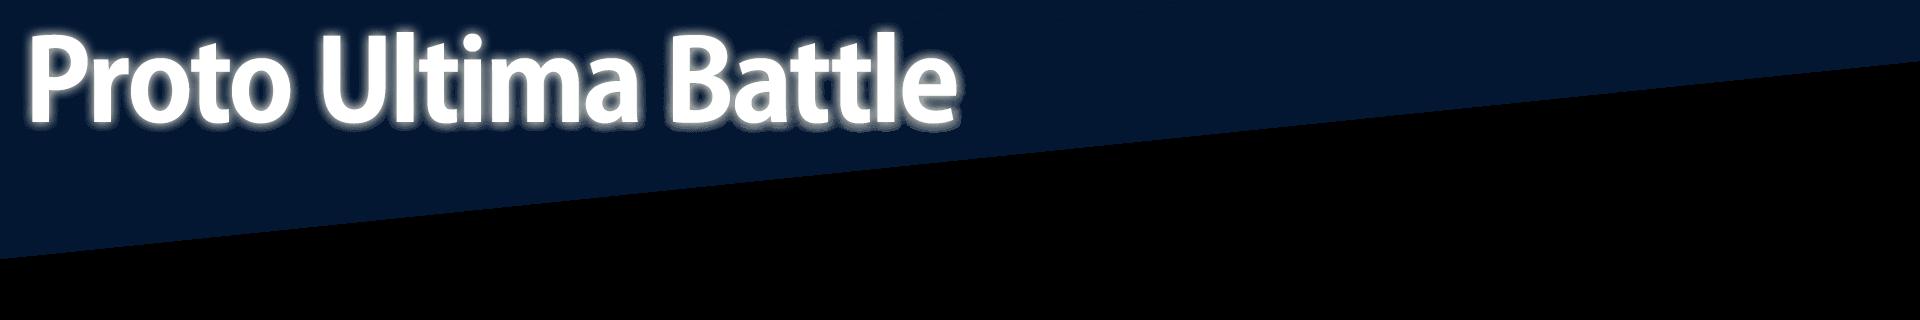 Proto Ultima Battle